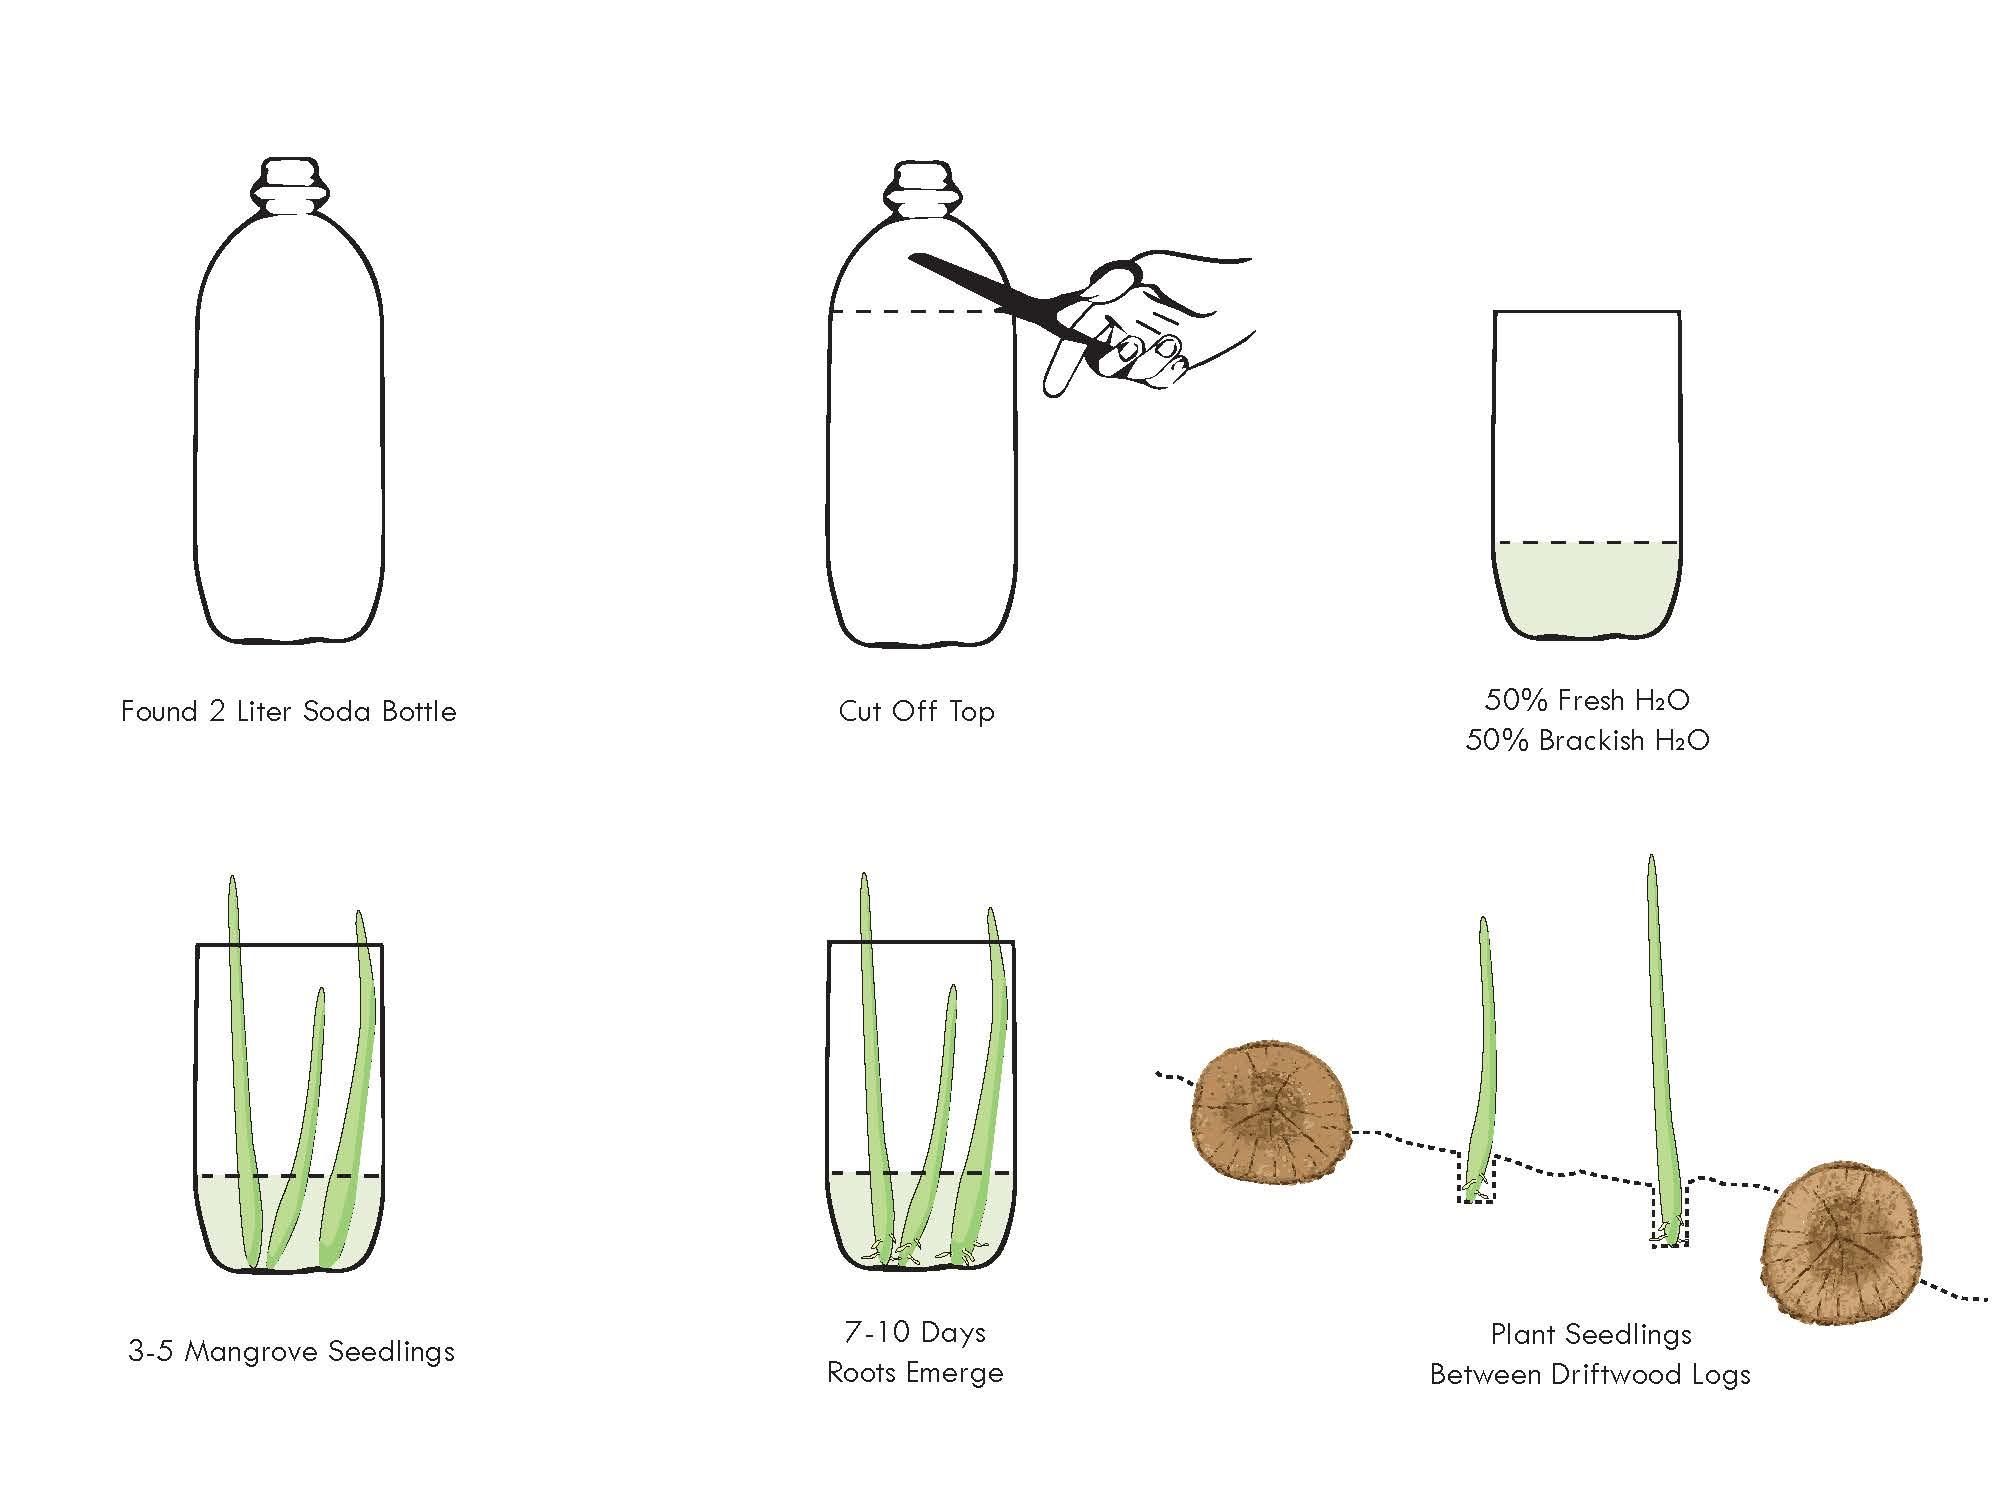 mangrove seedlings2.jpg